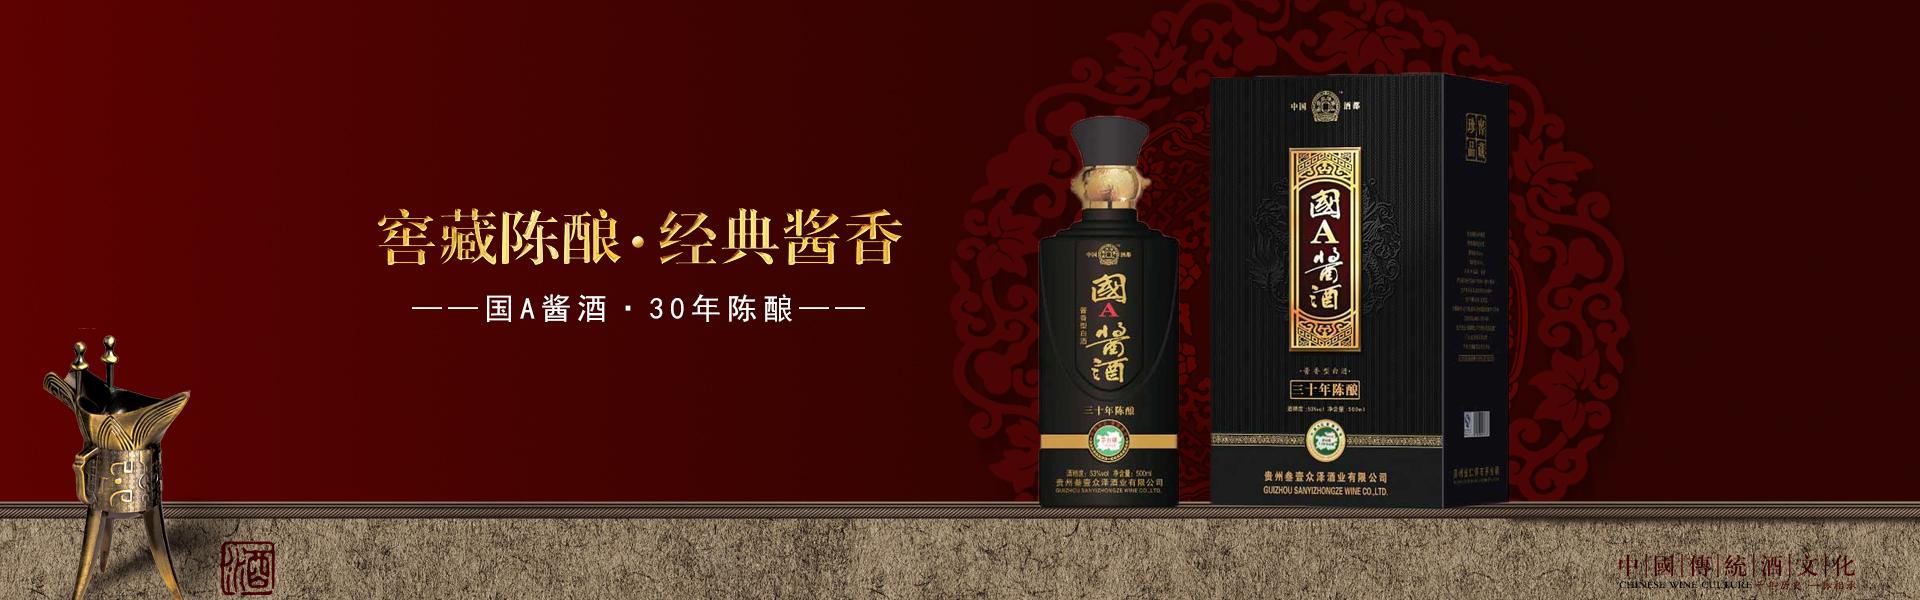 国A酱酒,中华品位